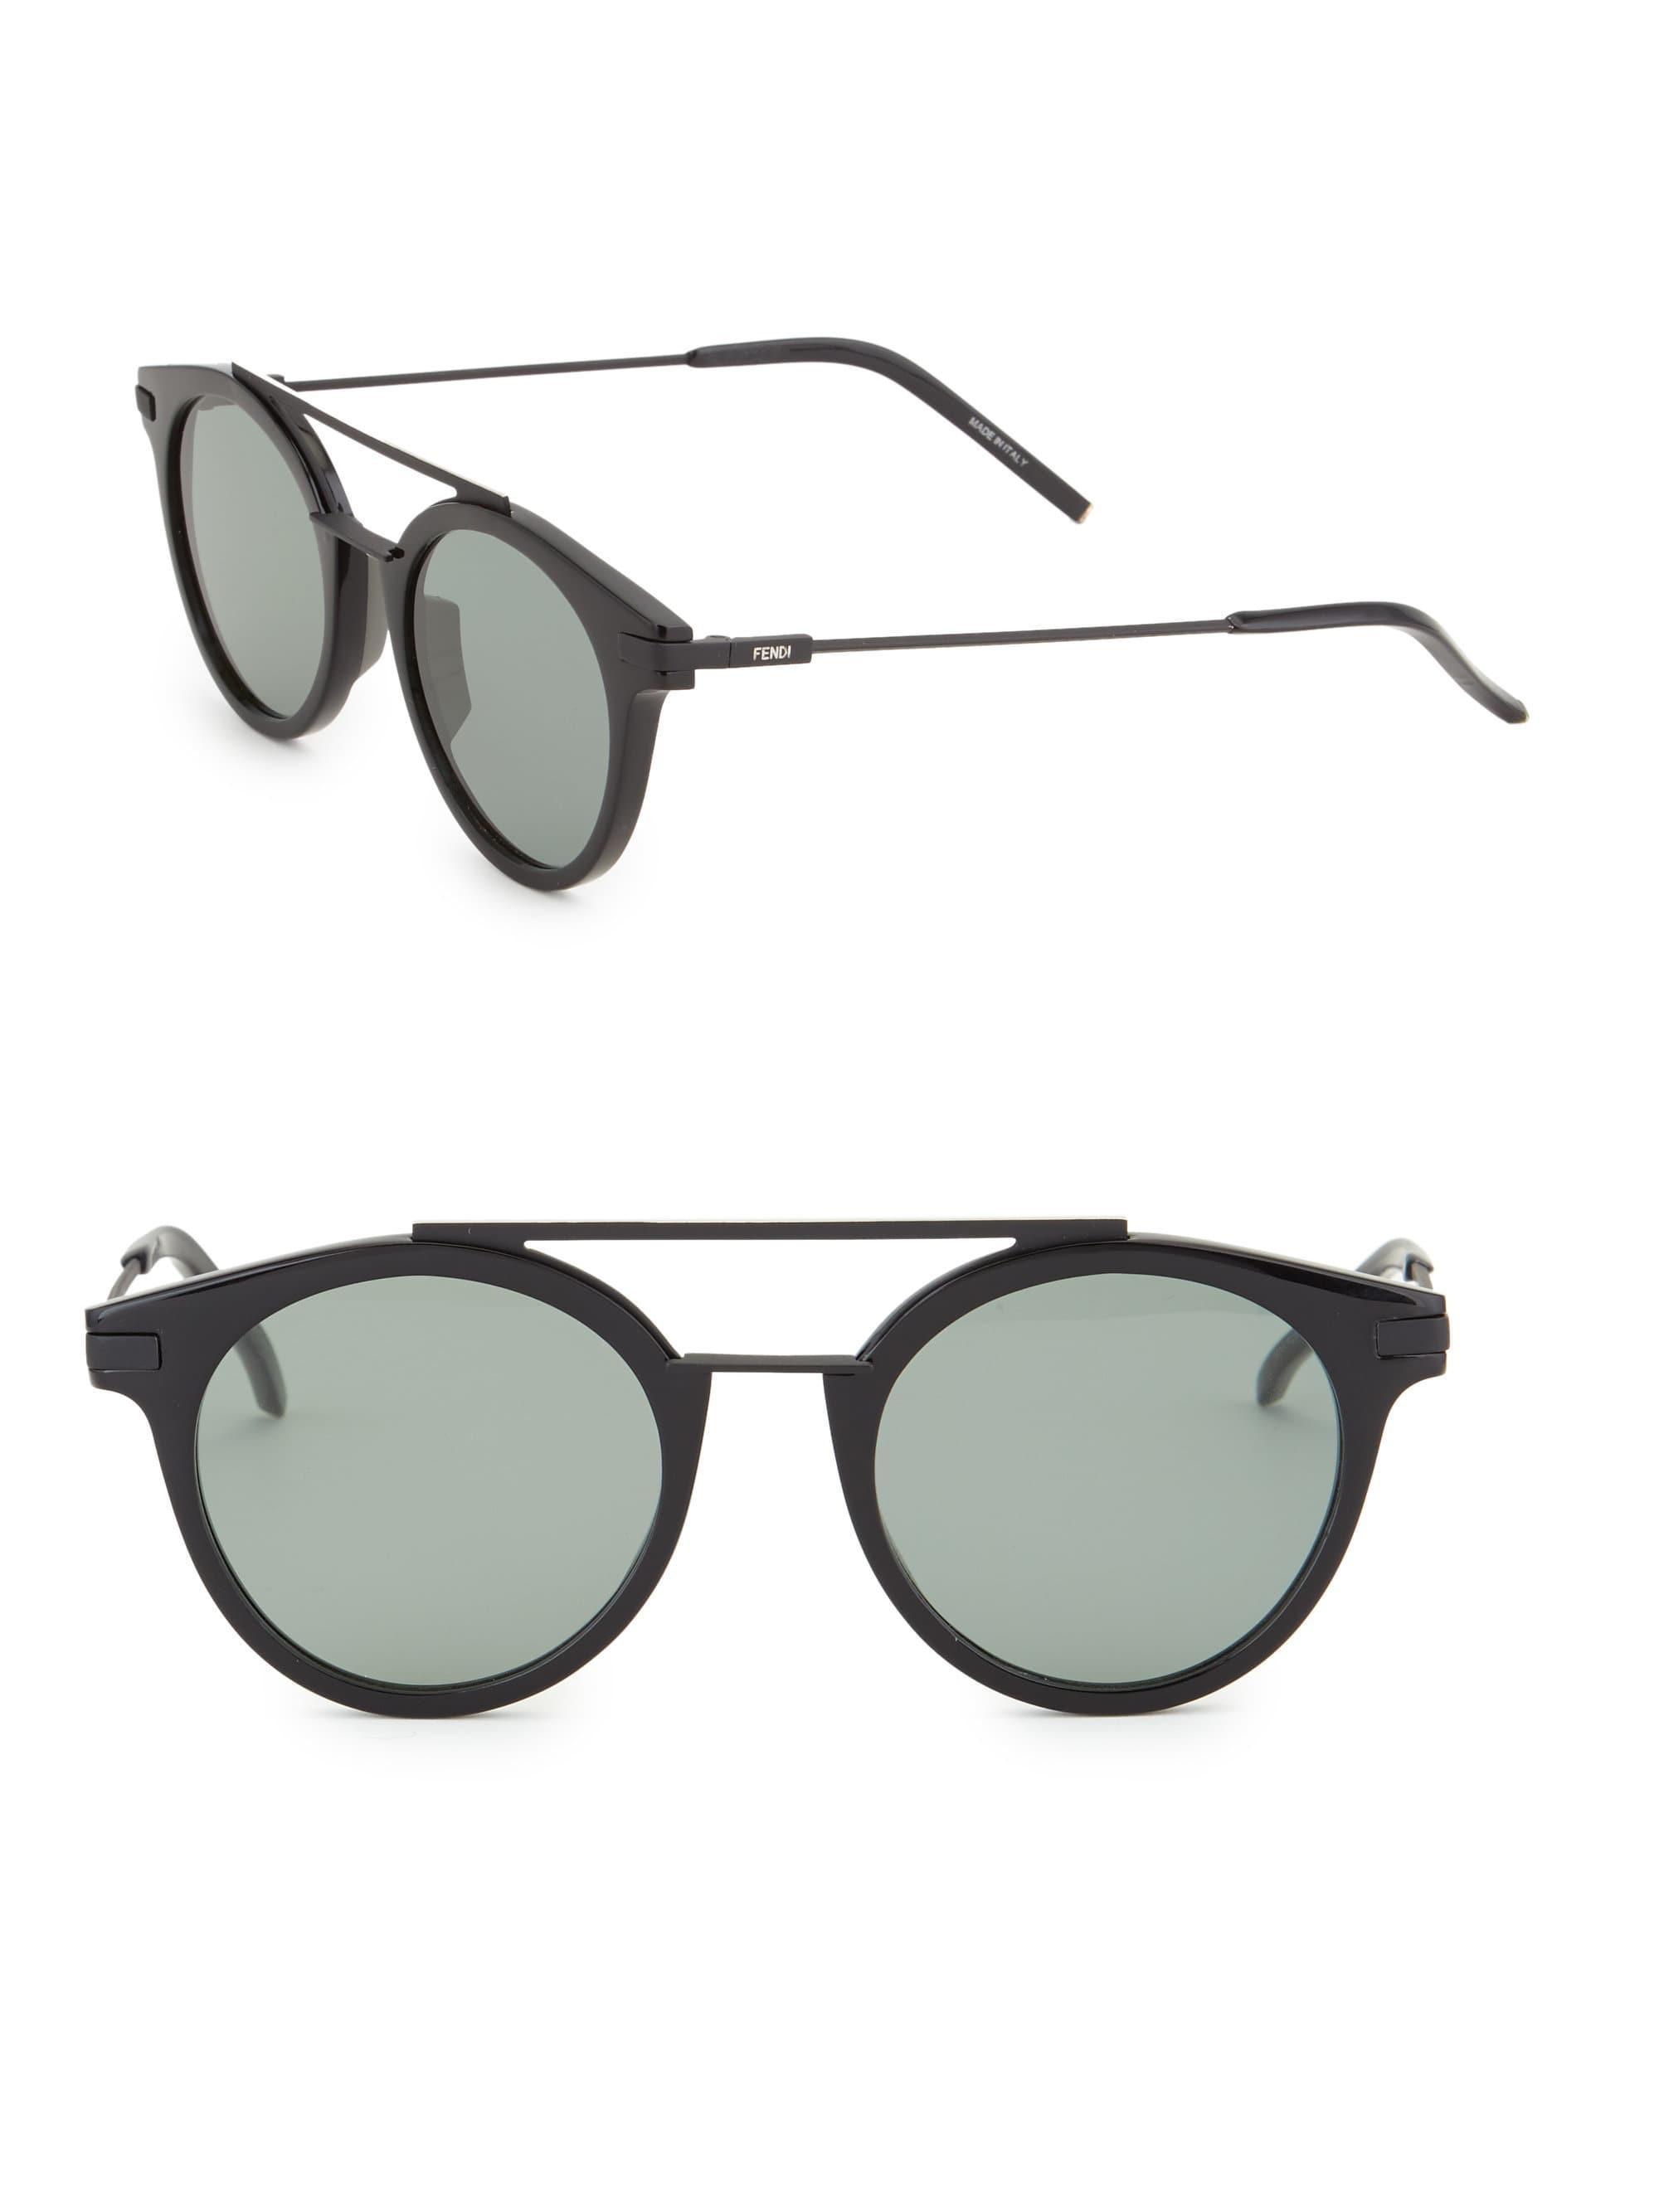 68c94fdf86a9 Fendi - Multicolor Women s 49mm Round Sunglasses - Brown - Lyst. View  fullscreen